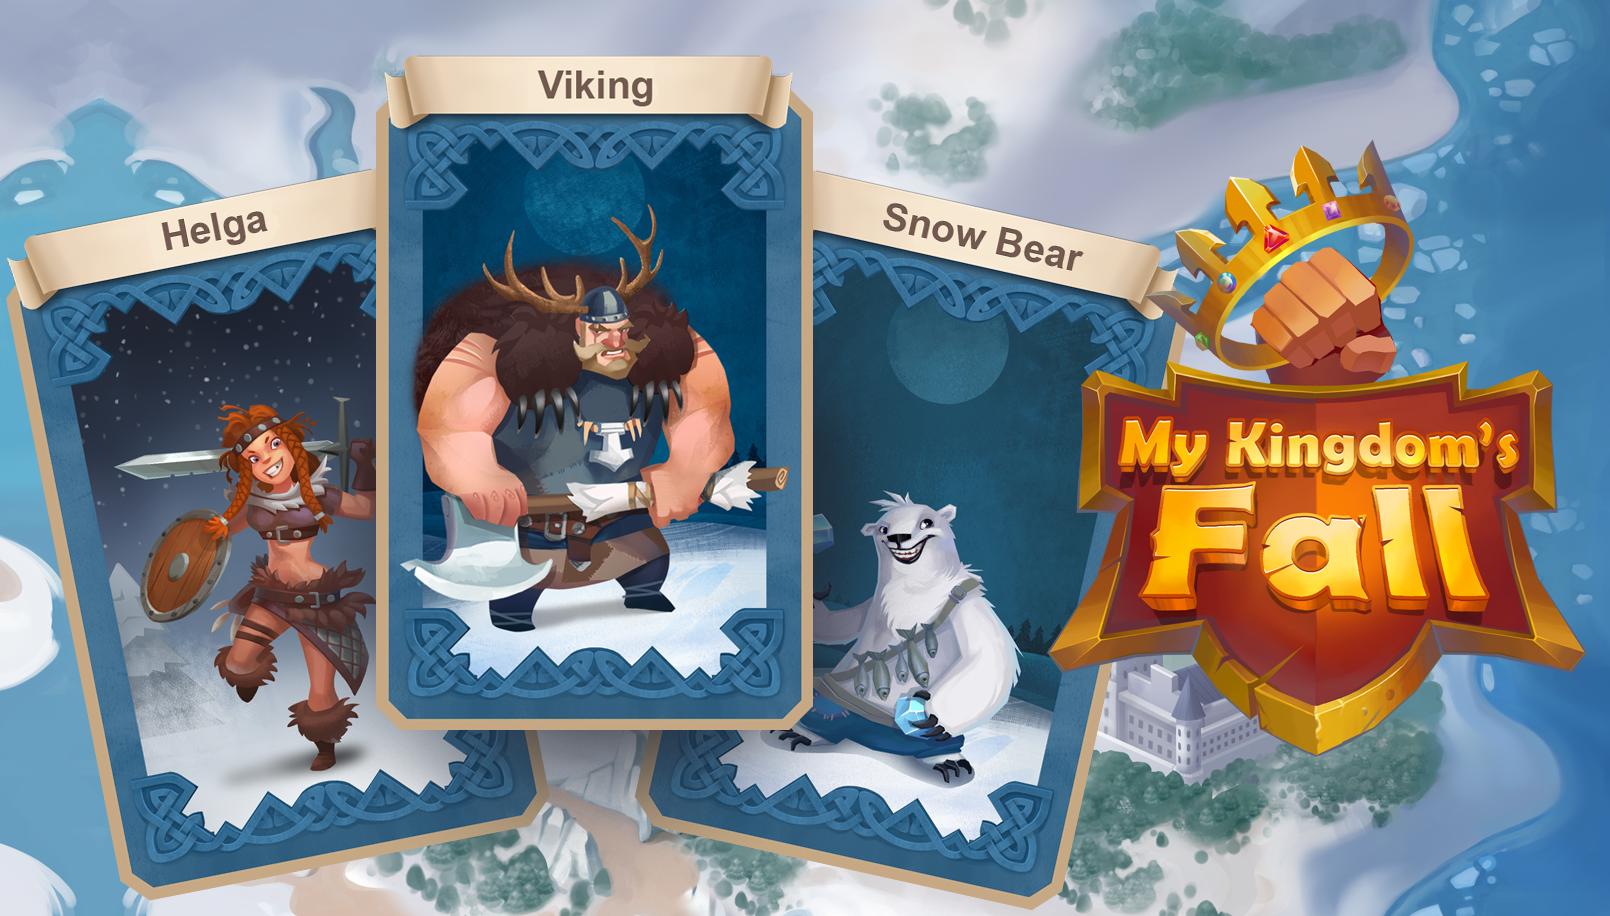 My Kingdom's Fall